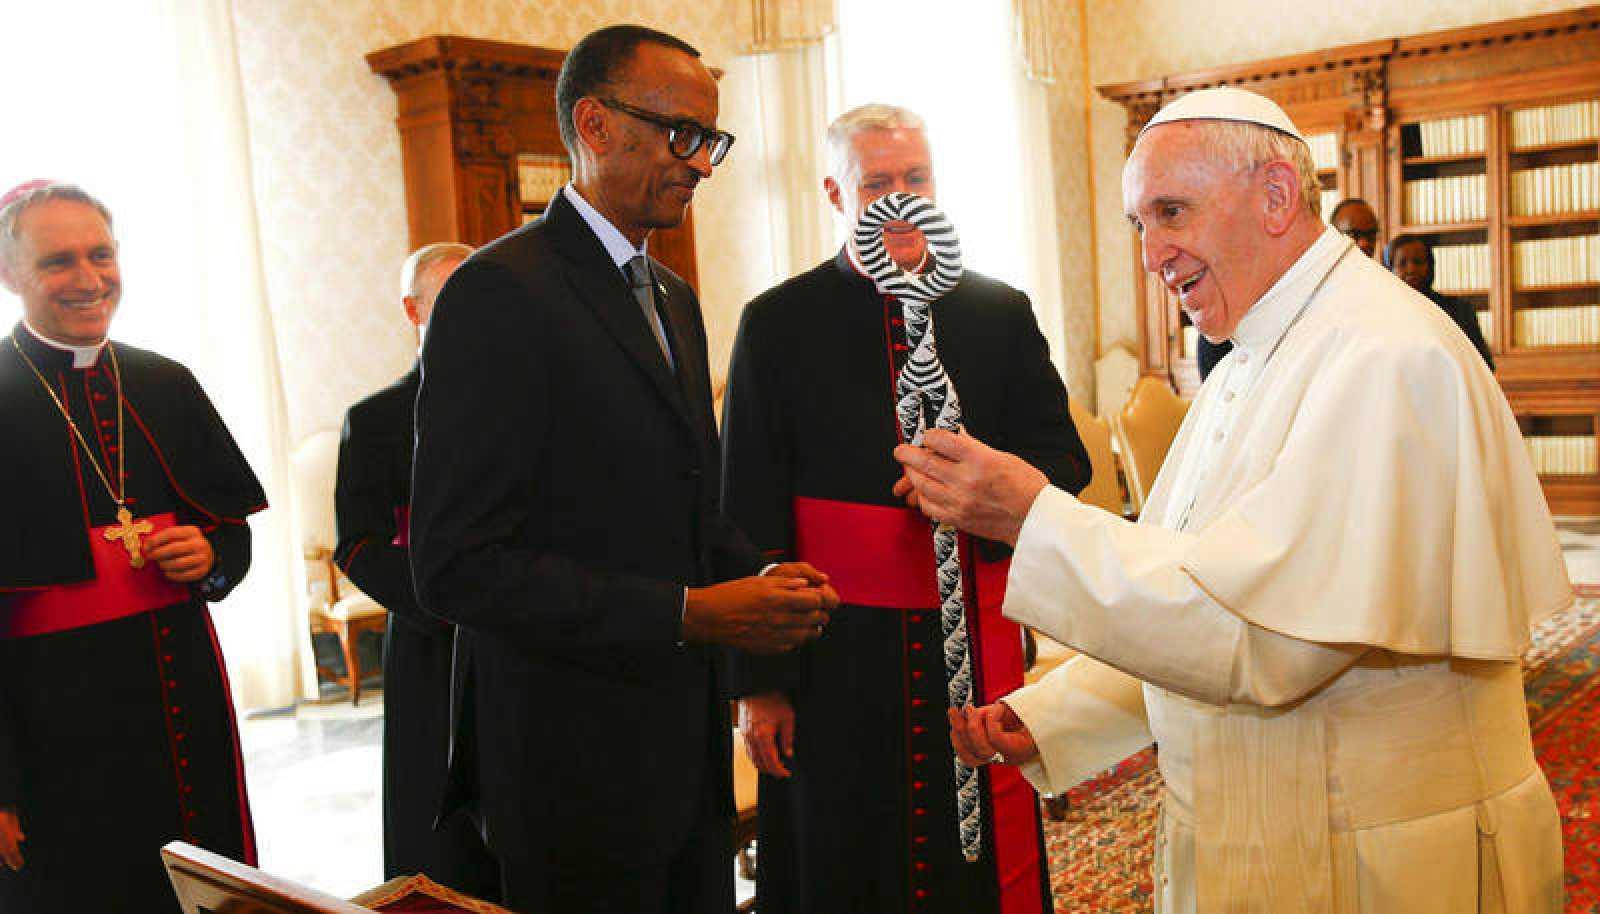 El papa Francisco intercambia regalos con el presidente de Ruanda, Paul Kagame, durante una audiencia privada en el Vaticano.